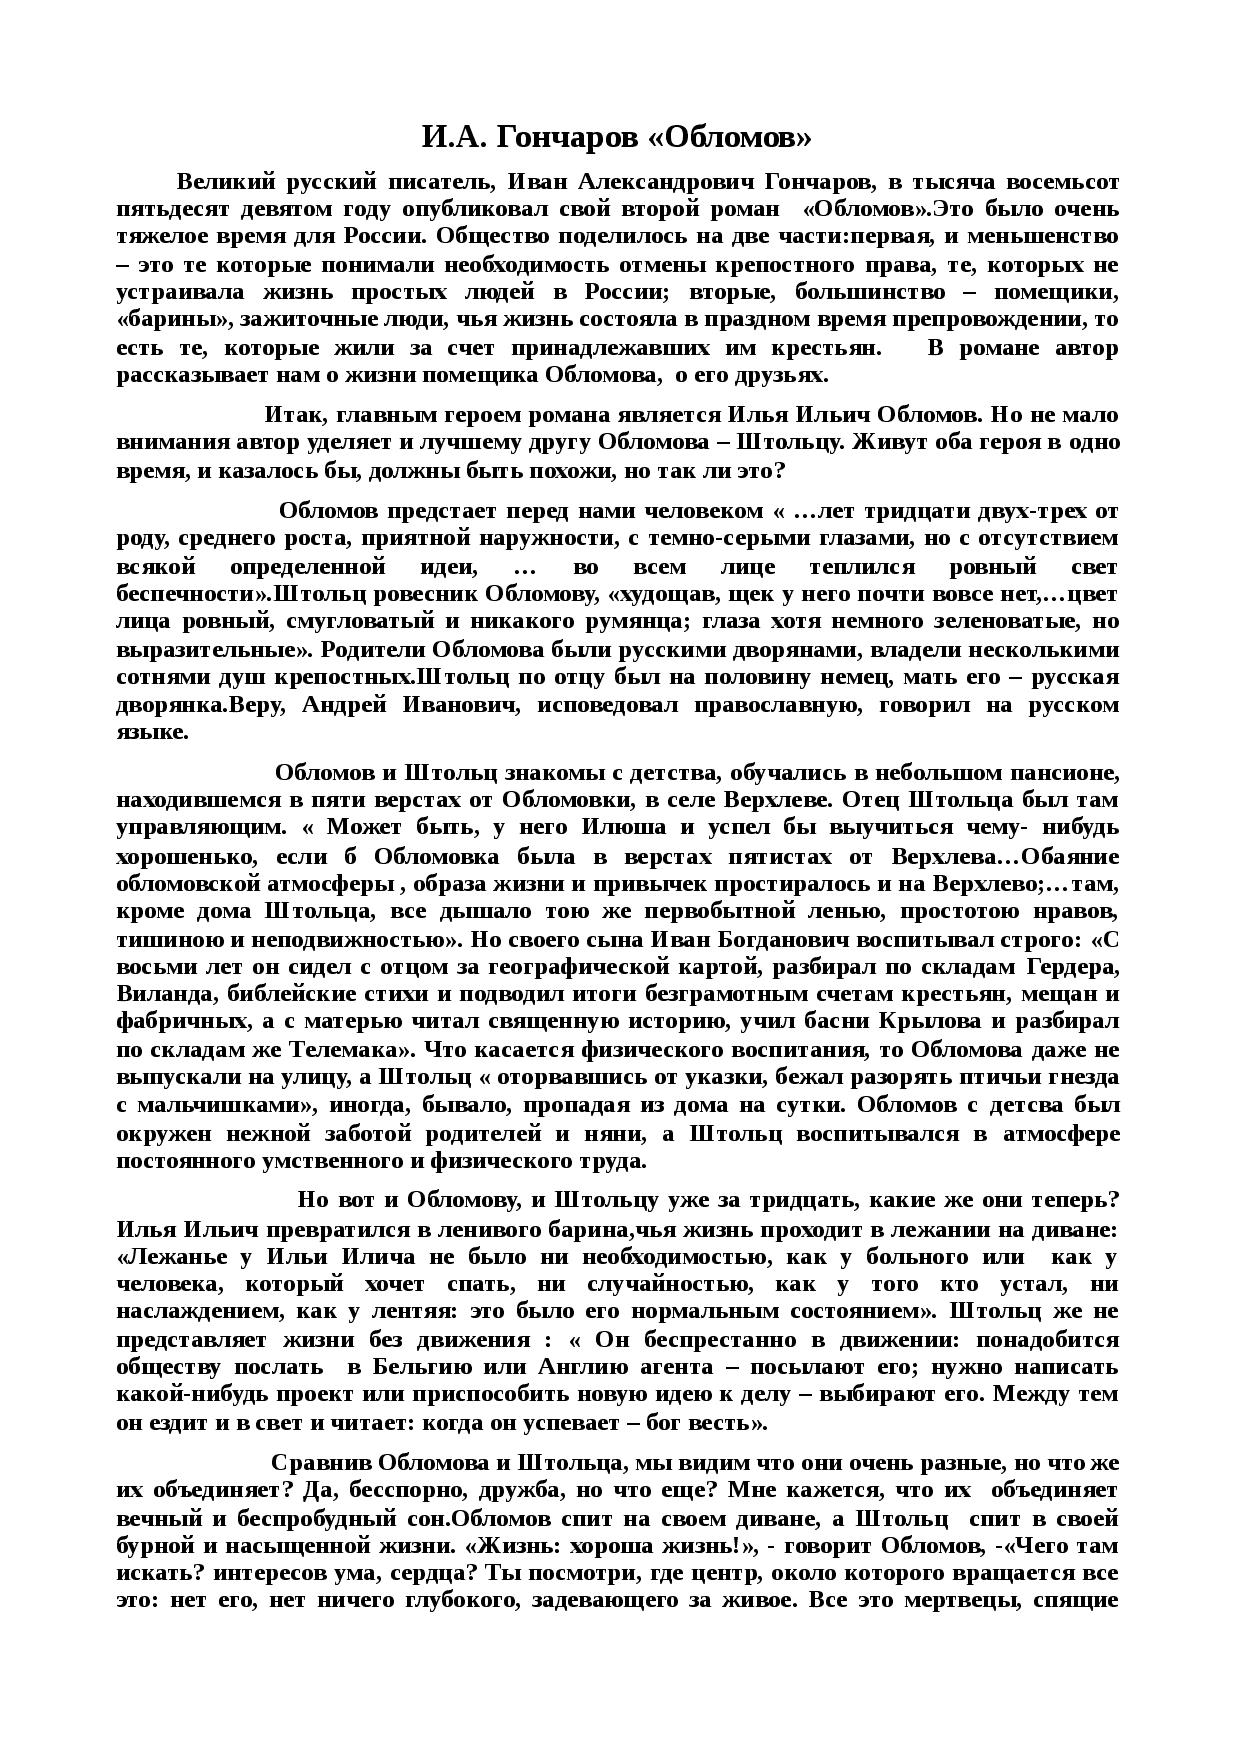 Обломов и обломовщина - сочинение (10 класс)